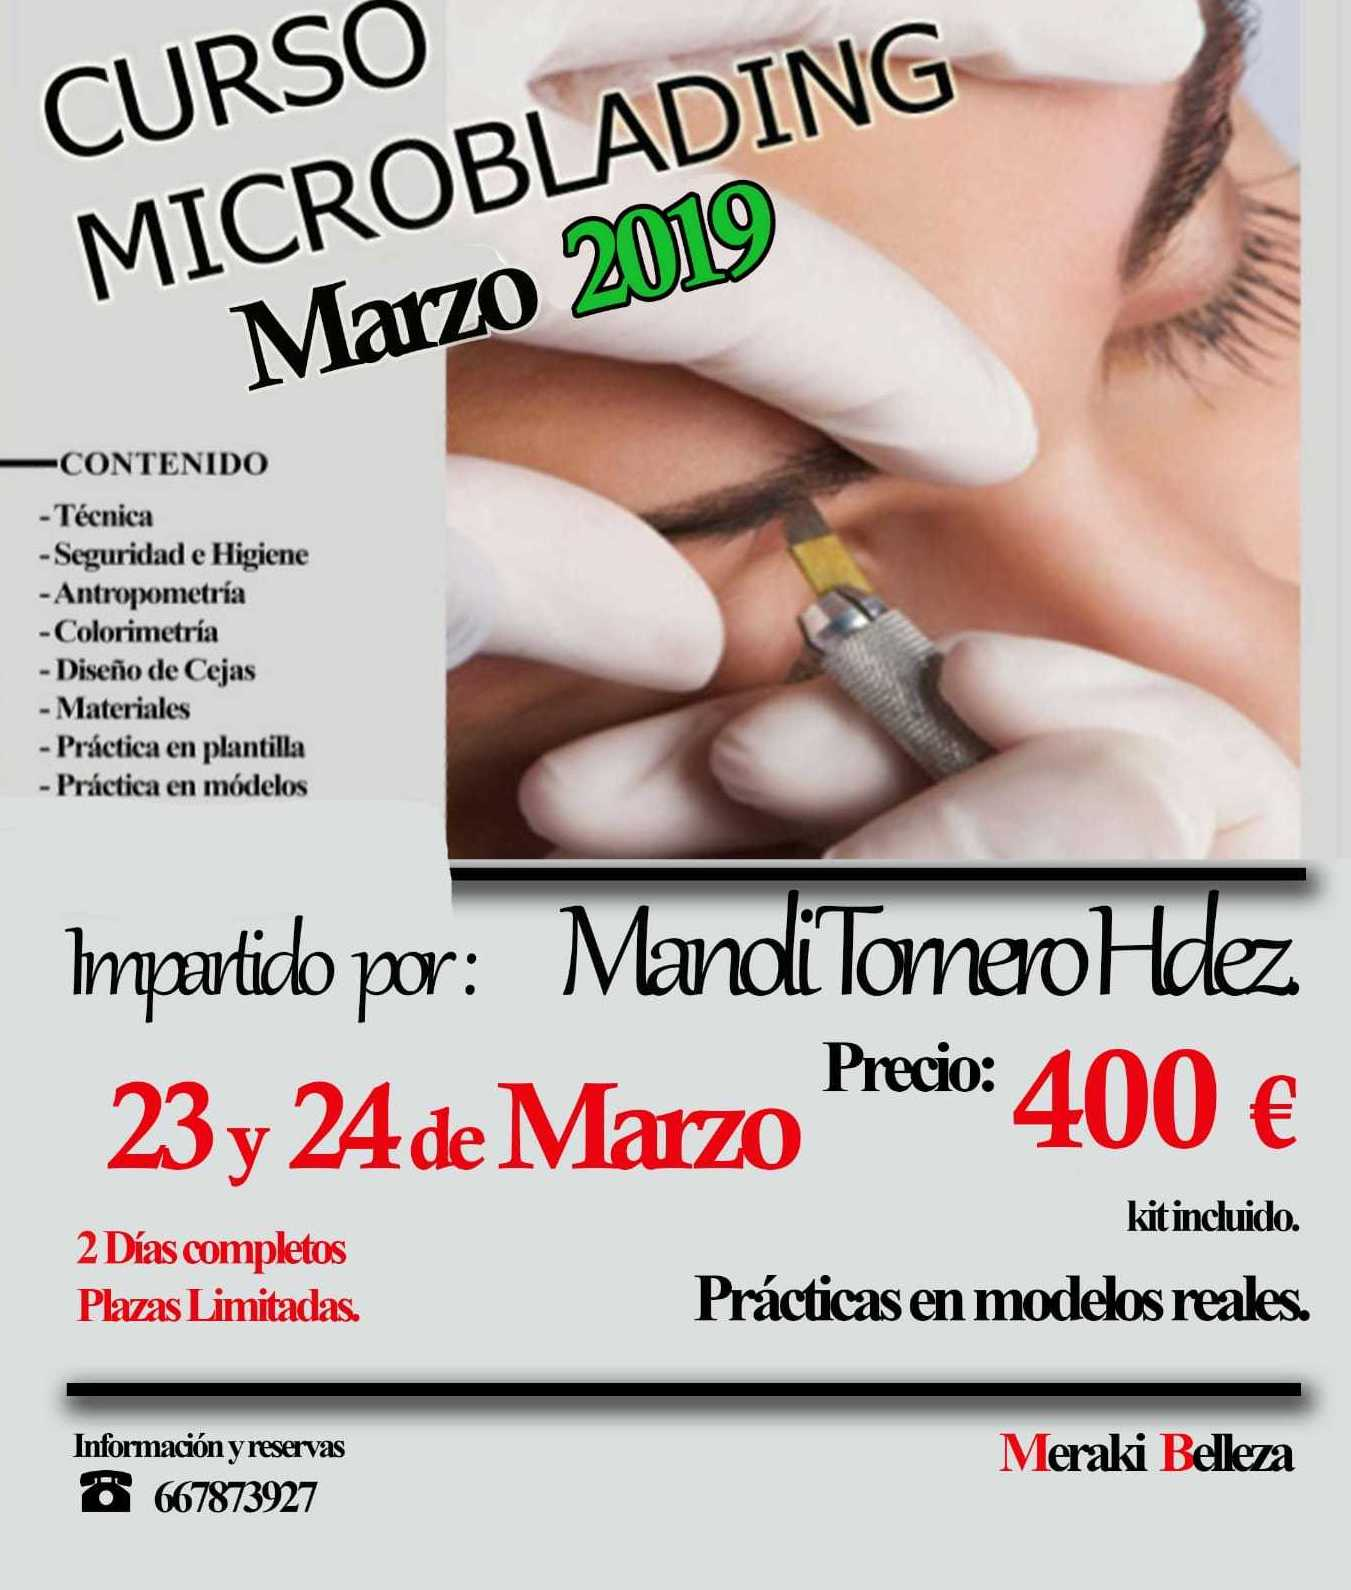 Curso Microblading Marzo 2019